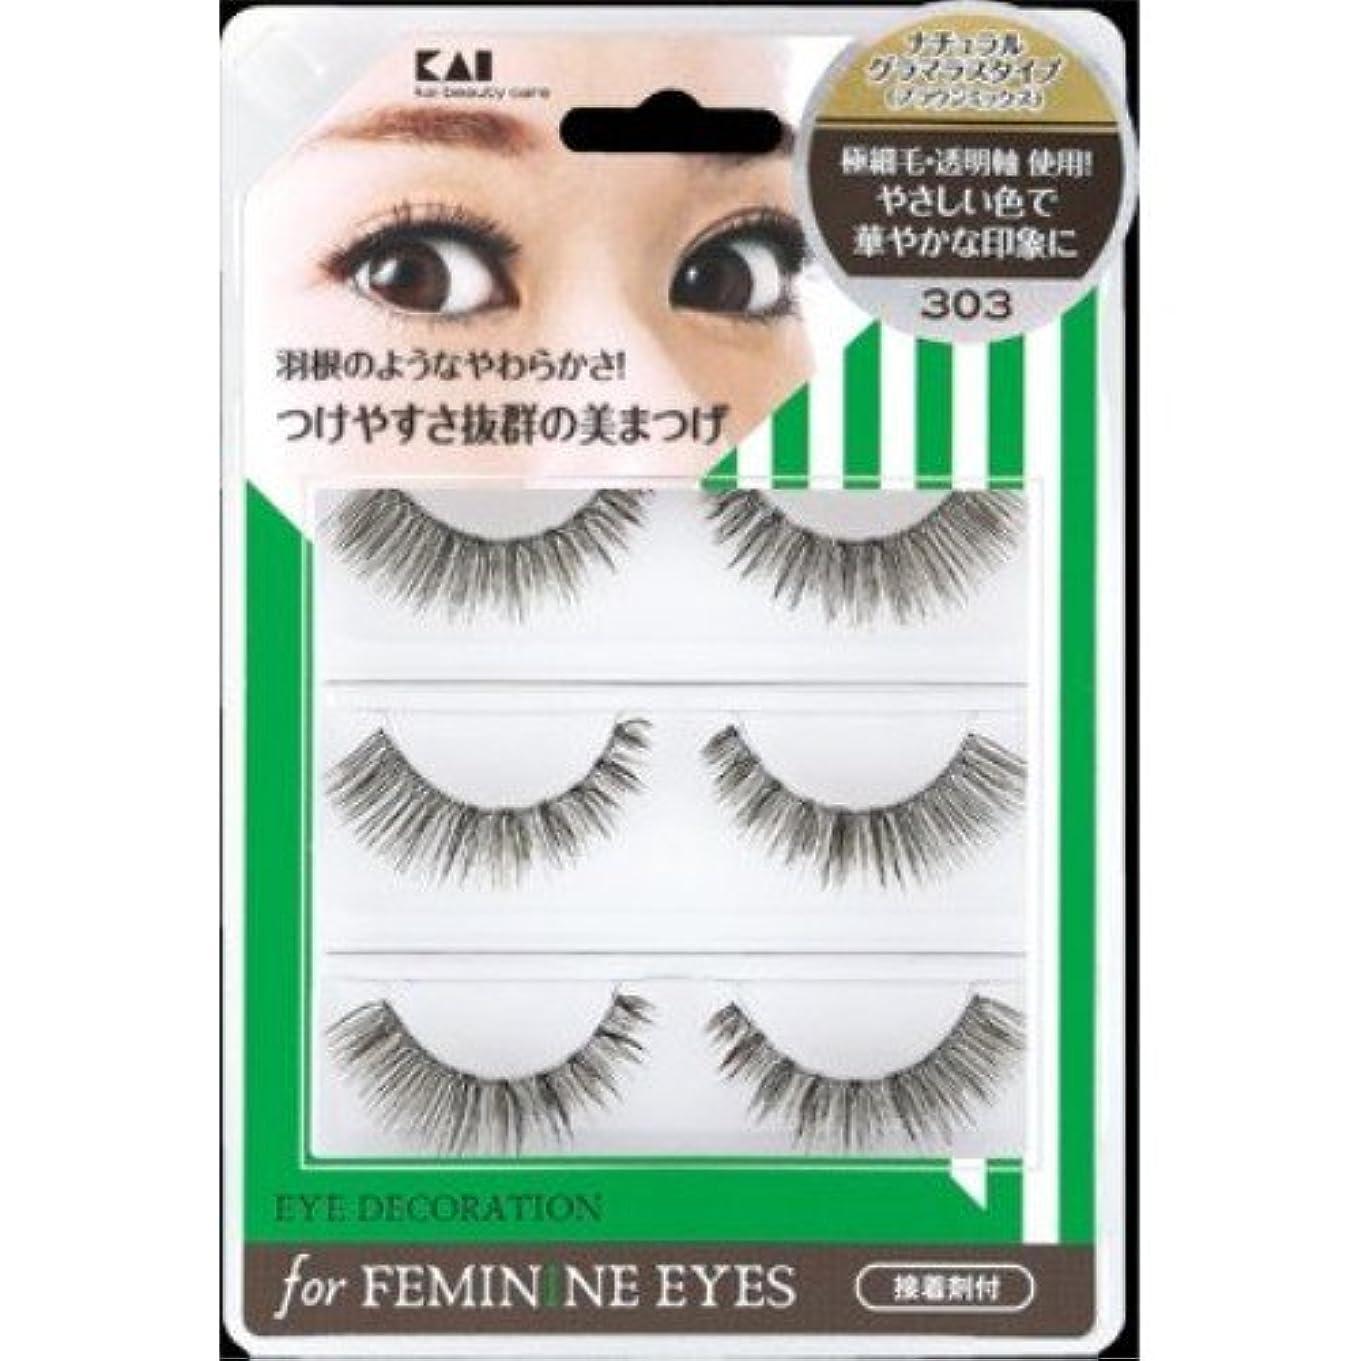 上級比較許可貝印 アイデコレーション for feminine eyes 303 HC1563